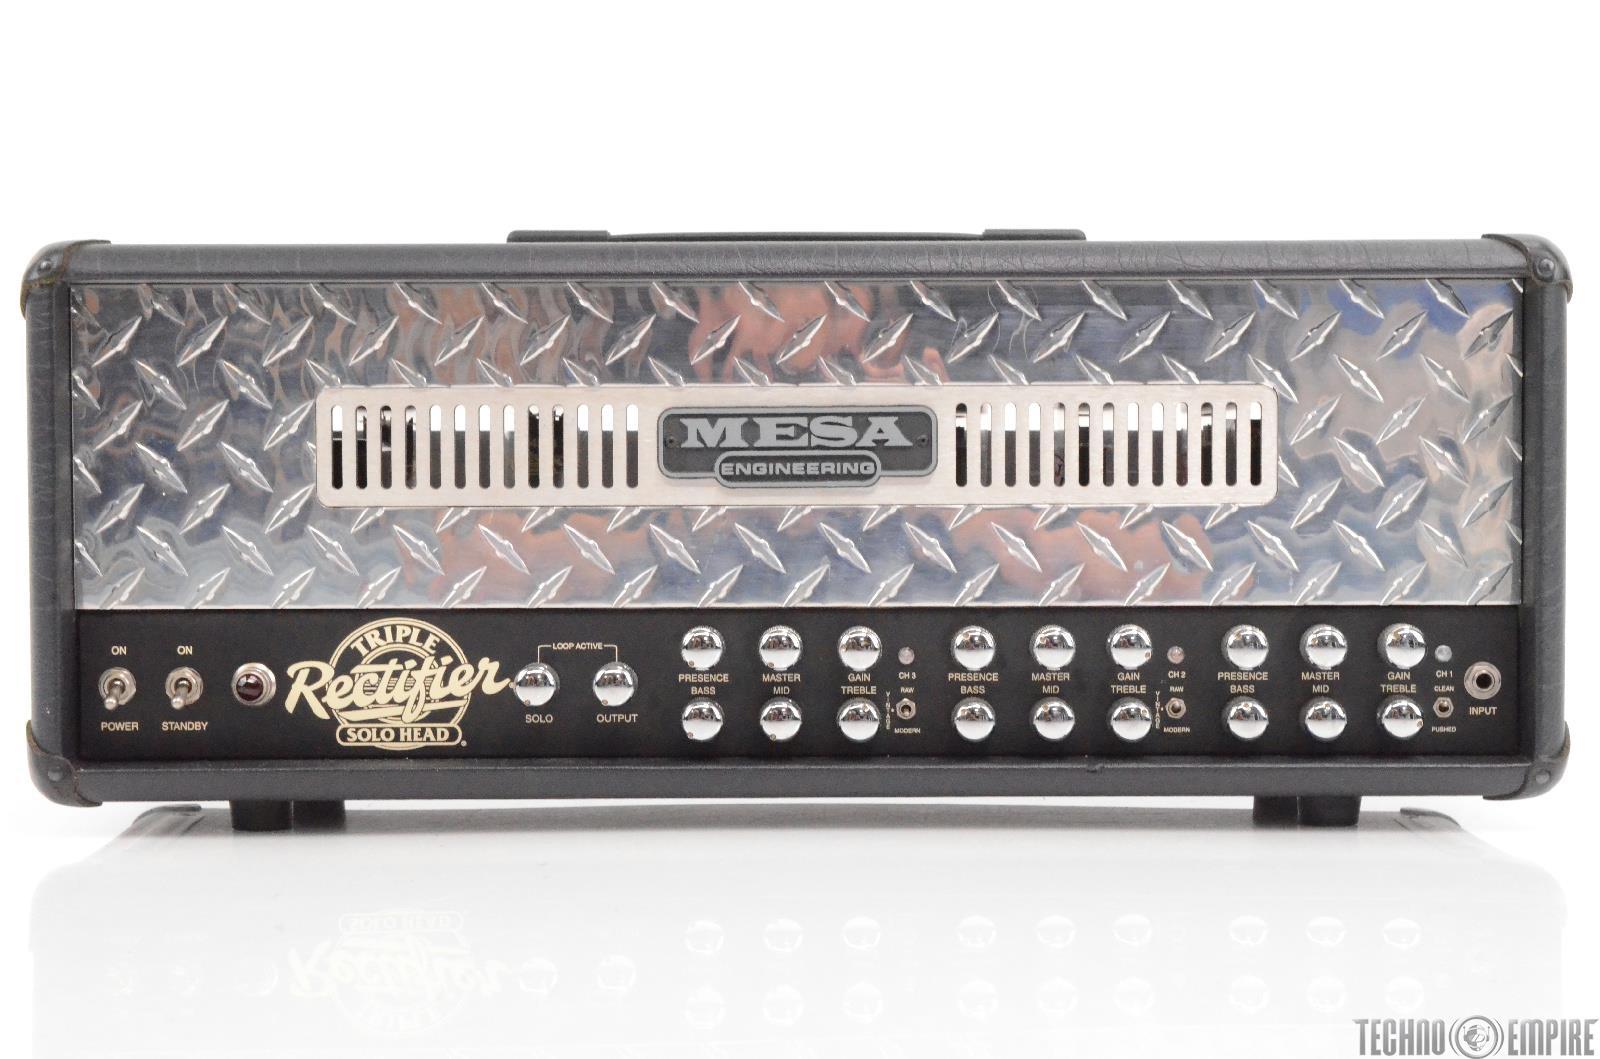 Mesa Engineering Triple Rectifier Solo Head 150 Guitar Amplifier Head #28912